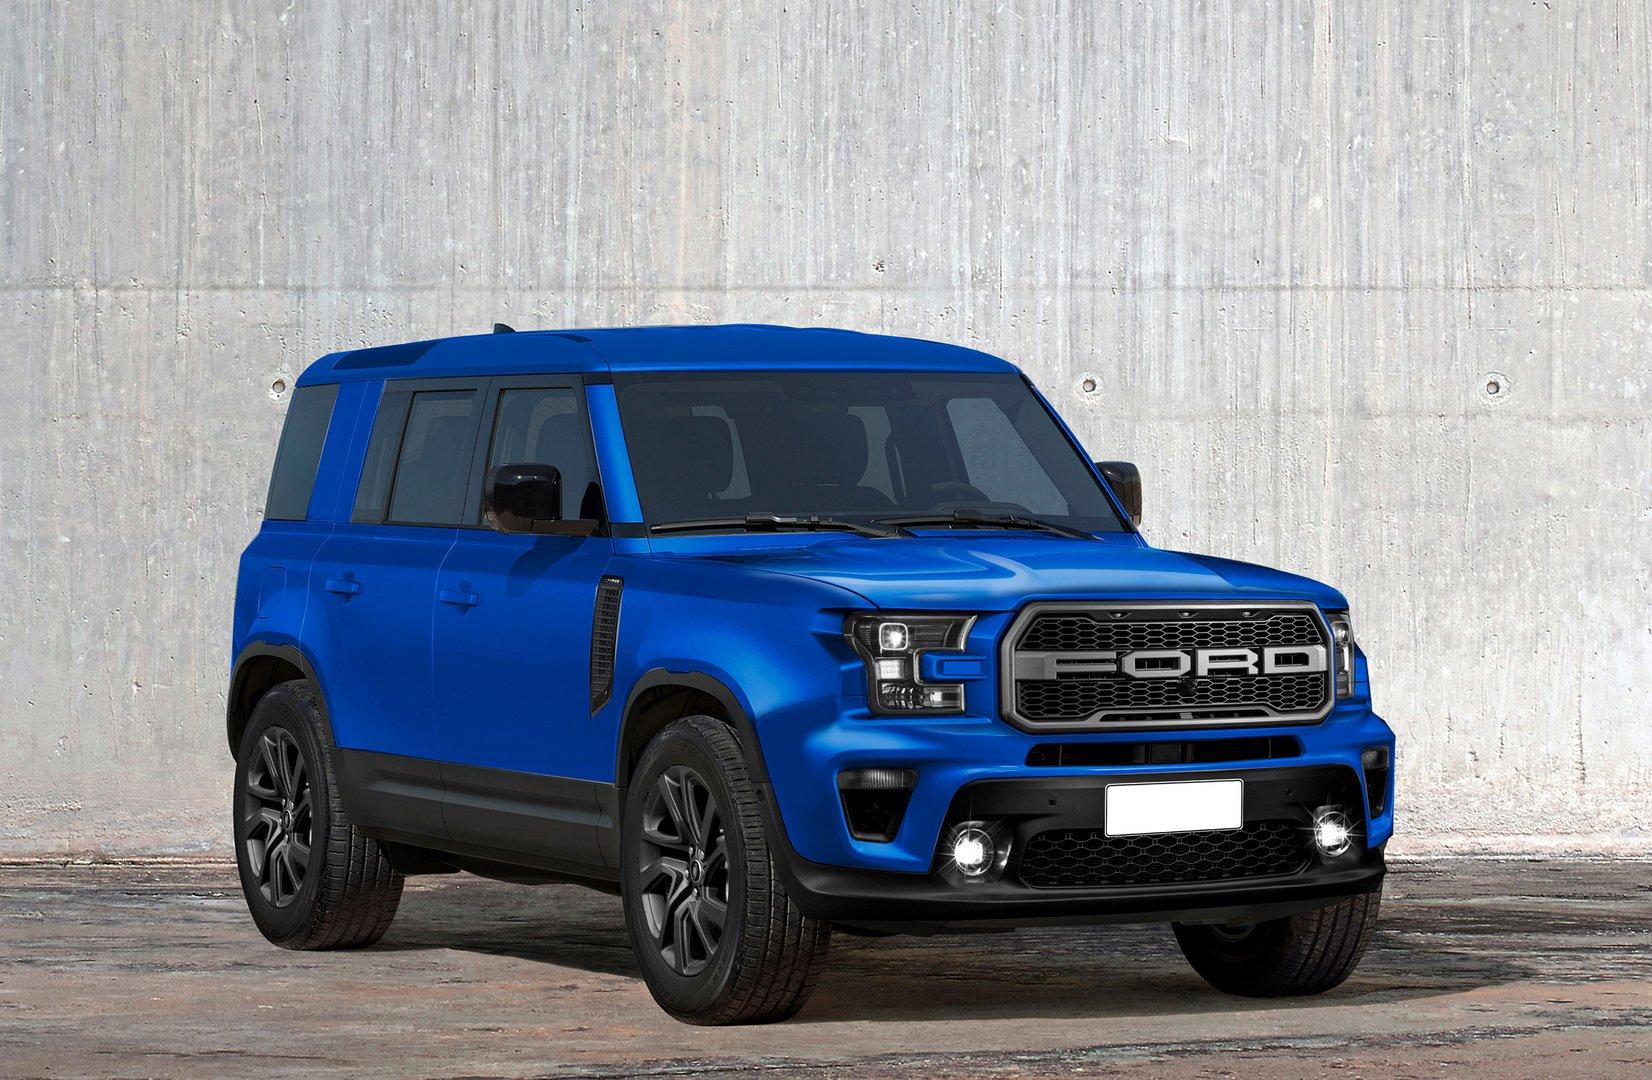 Mały Ford Bronco - nachodzi najmniejsza terenówka Forda